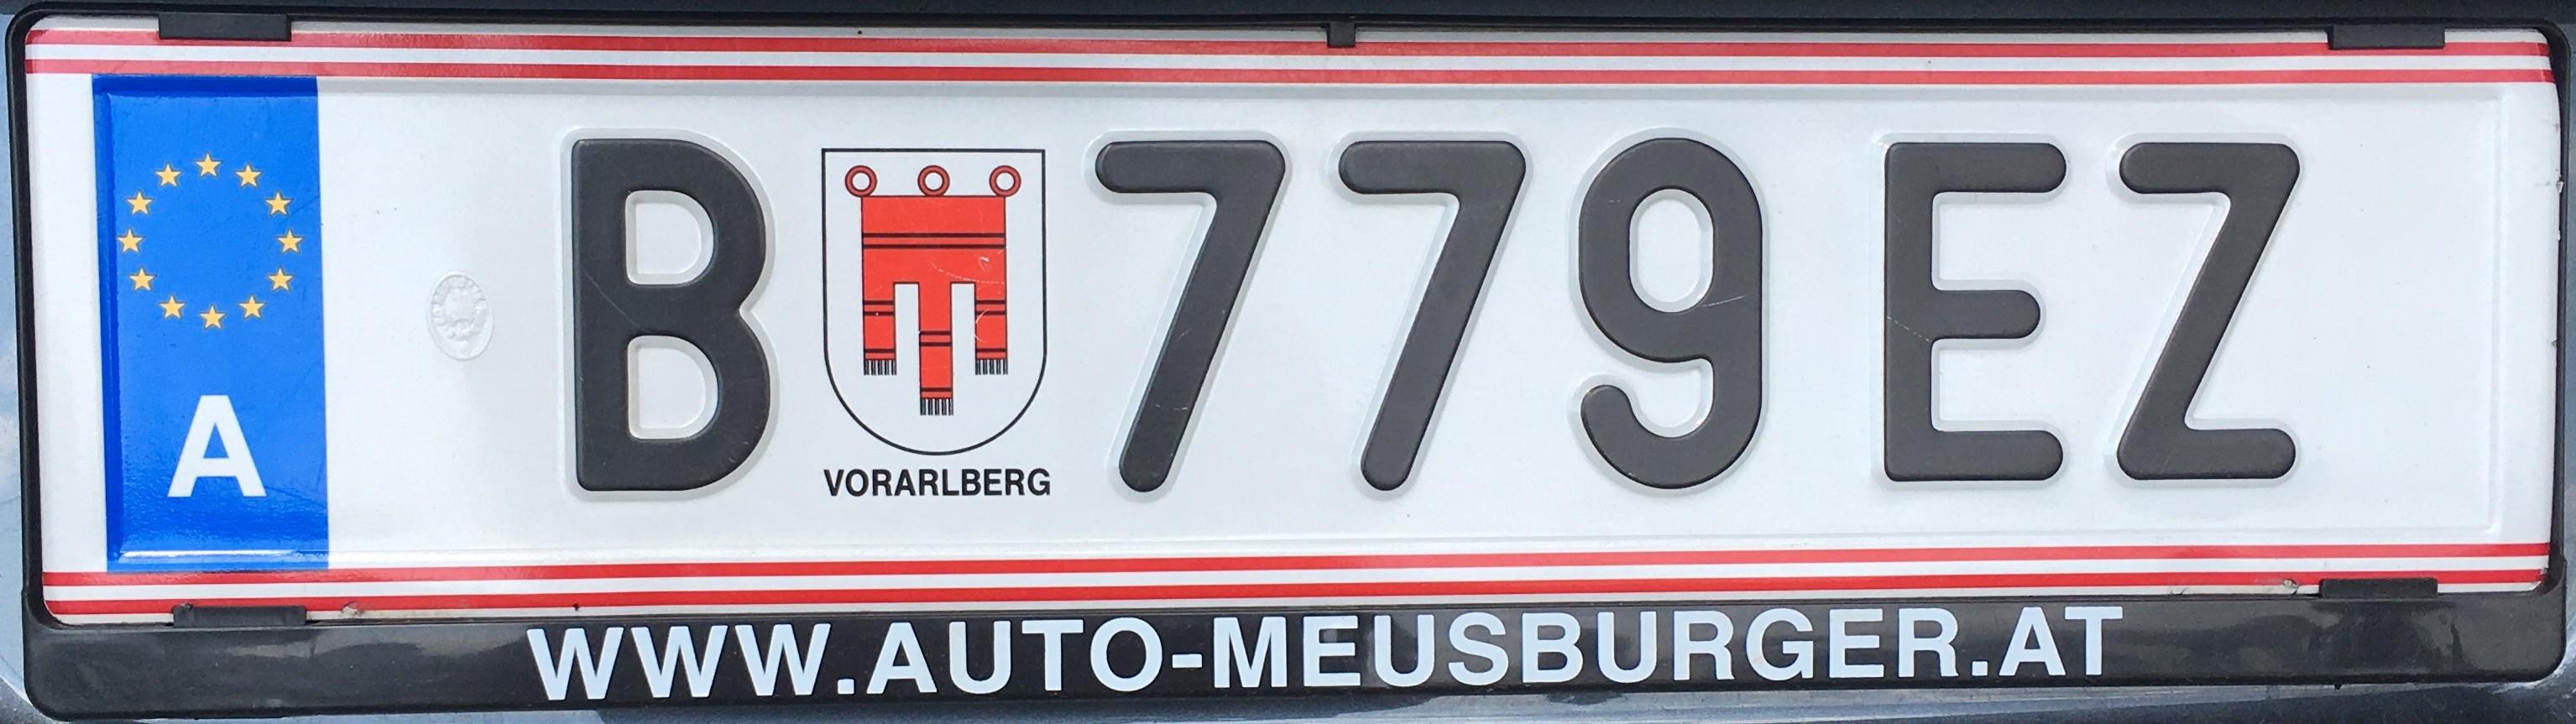 Rakouská registrační značka - běžná, foto: vlastní